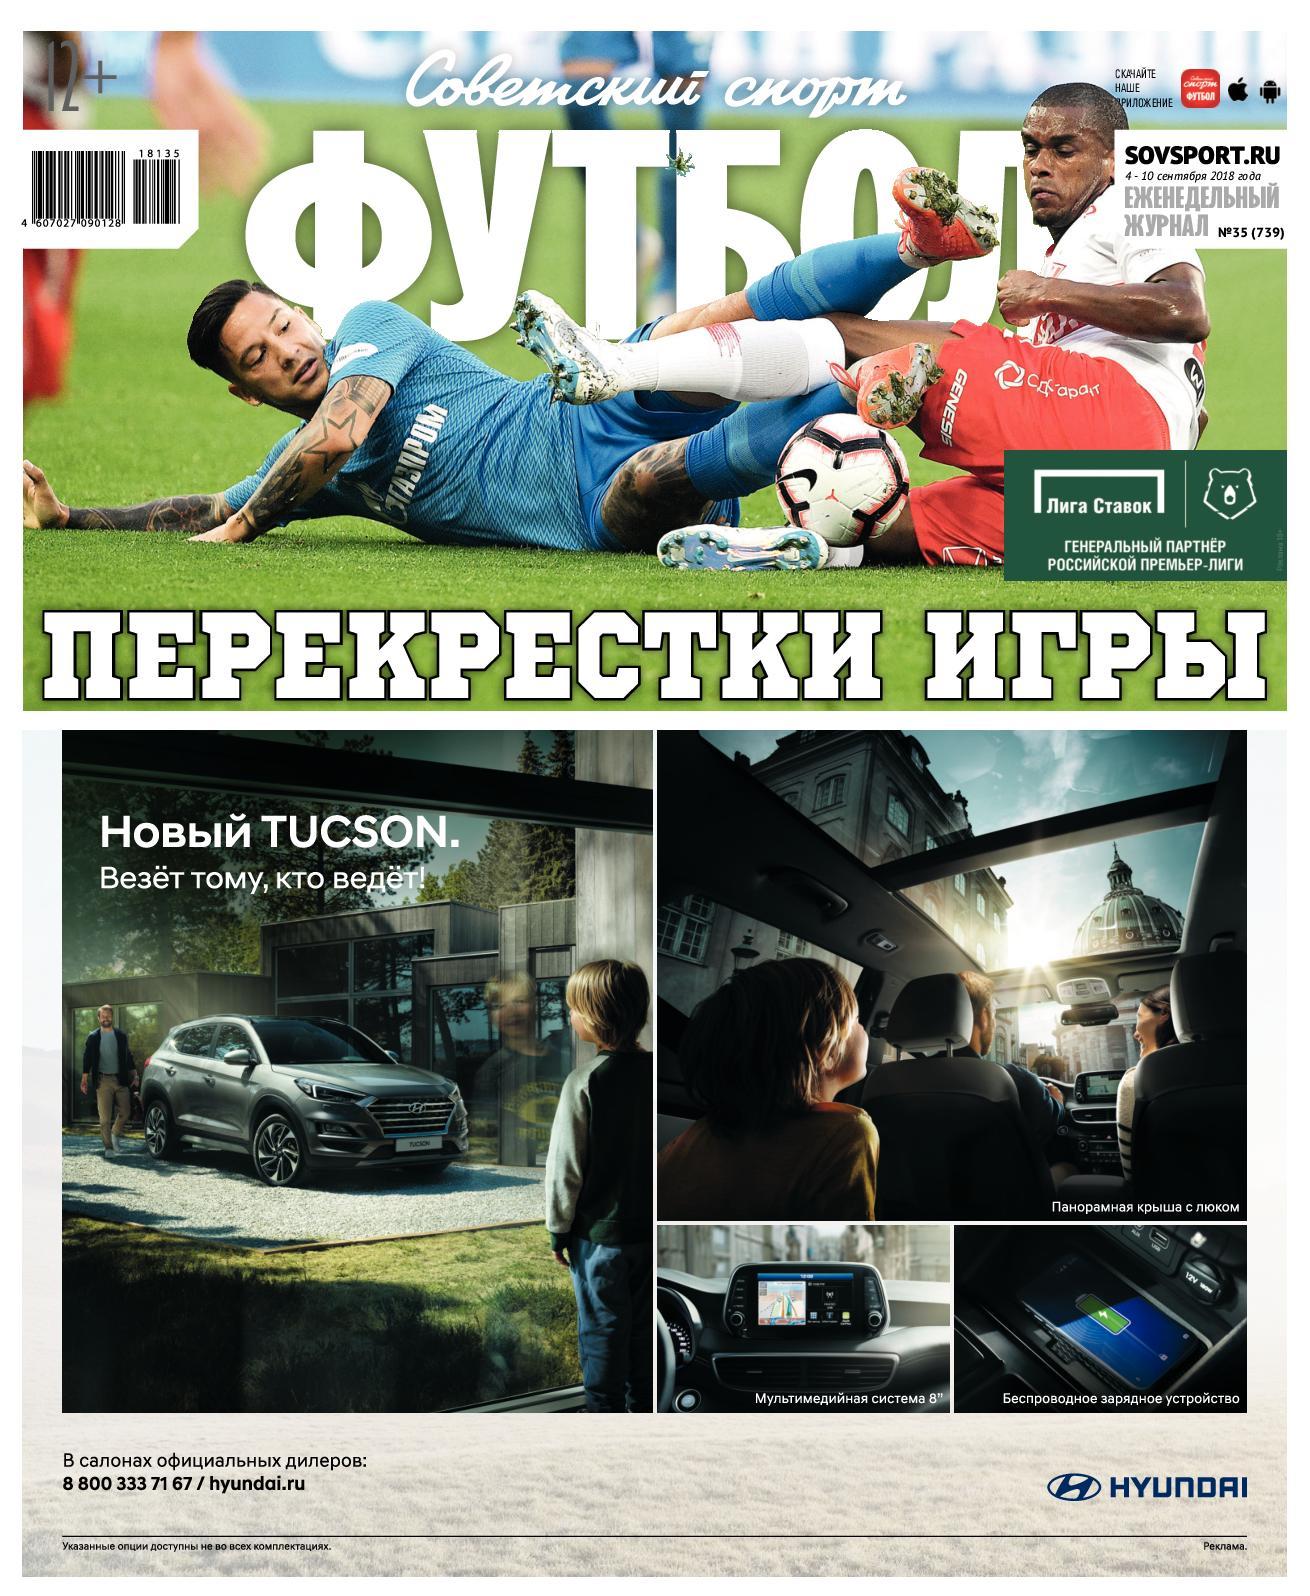 Чайковский: В приоритете теперь чемпионат, но Лигу Европы надо завершить достойно